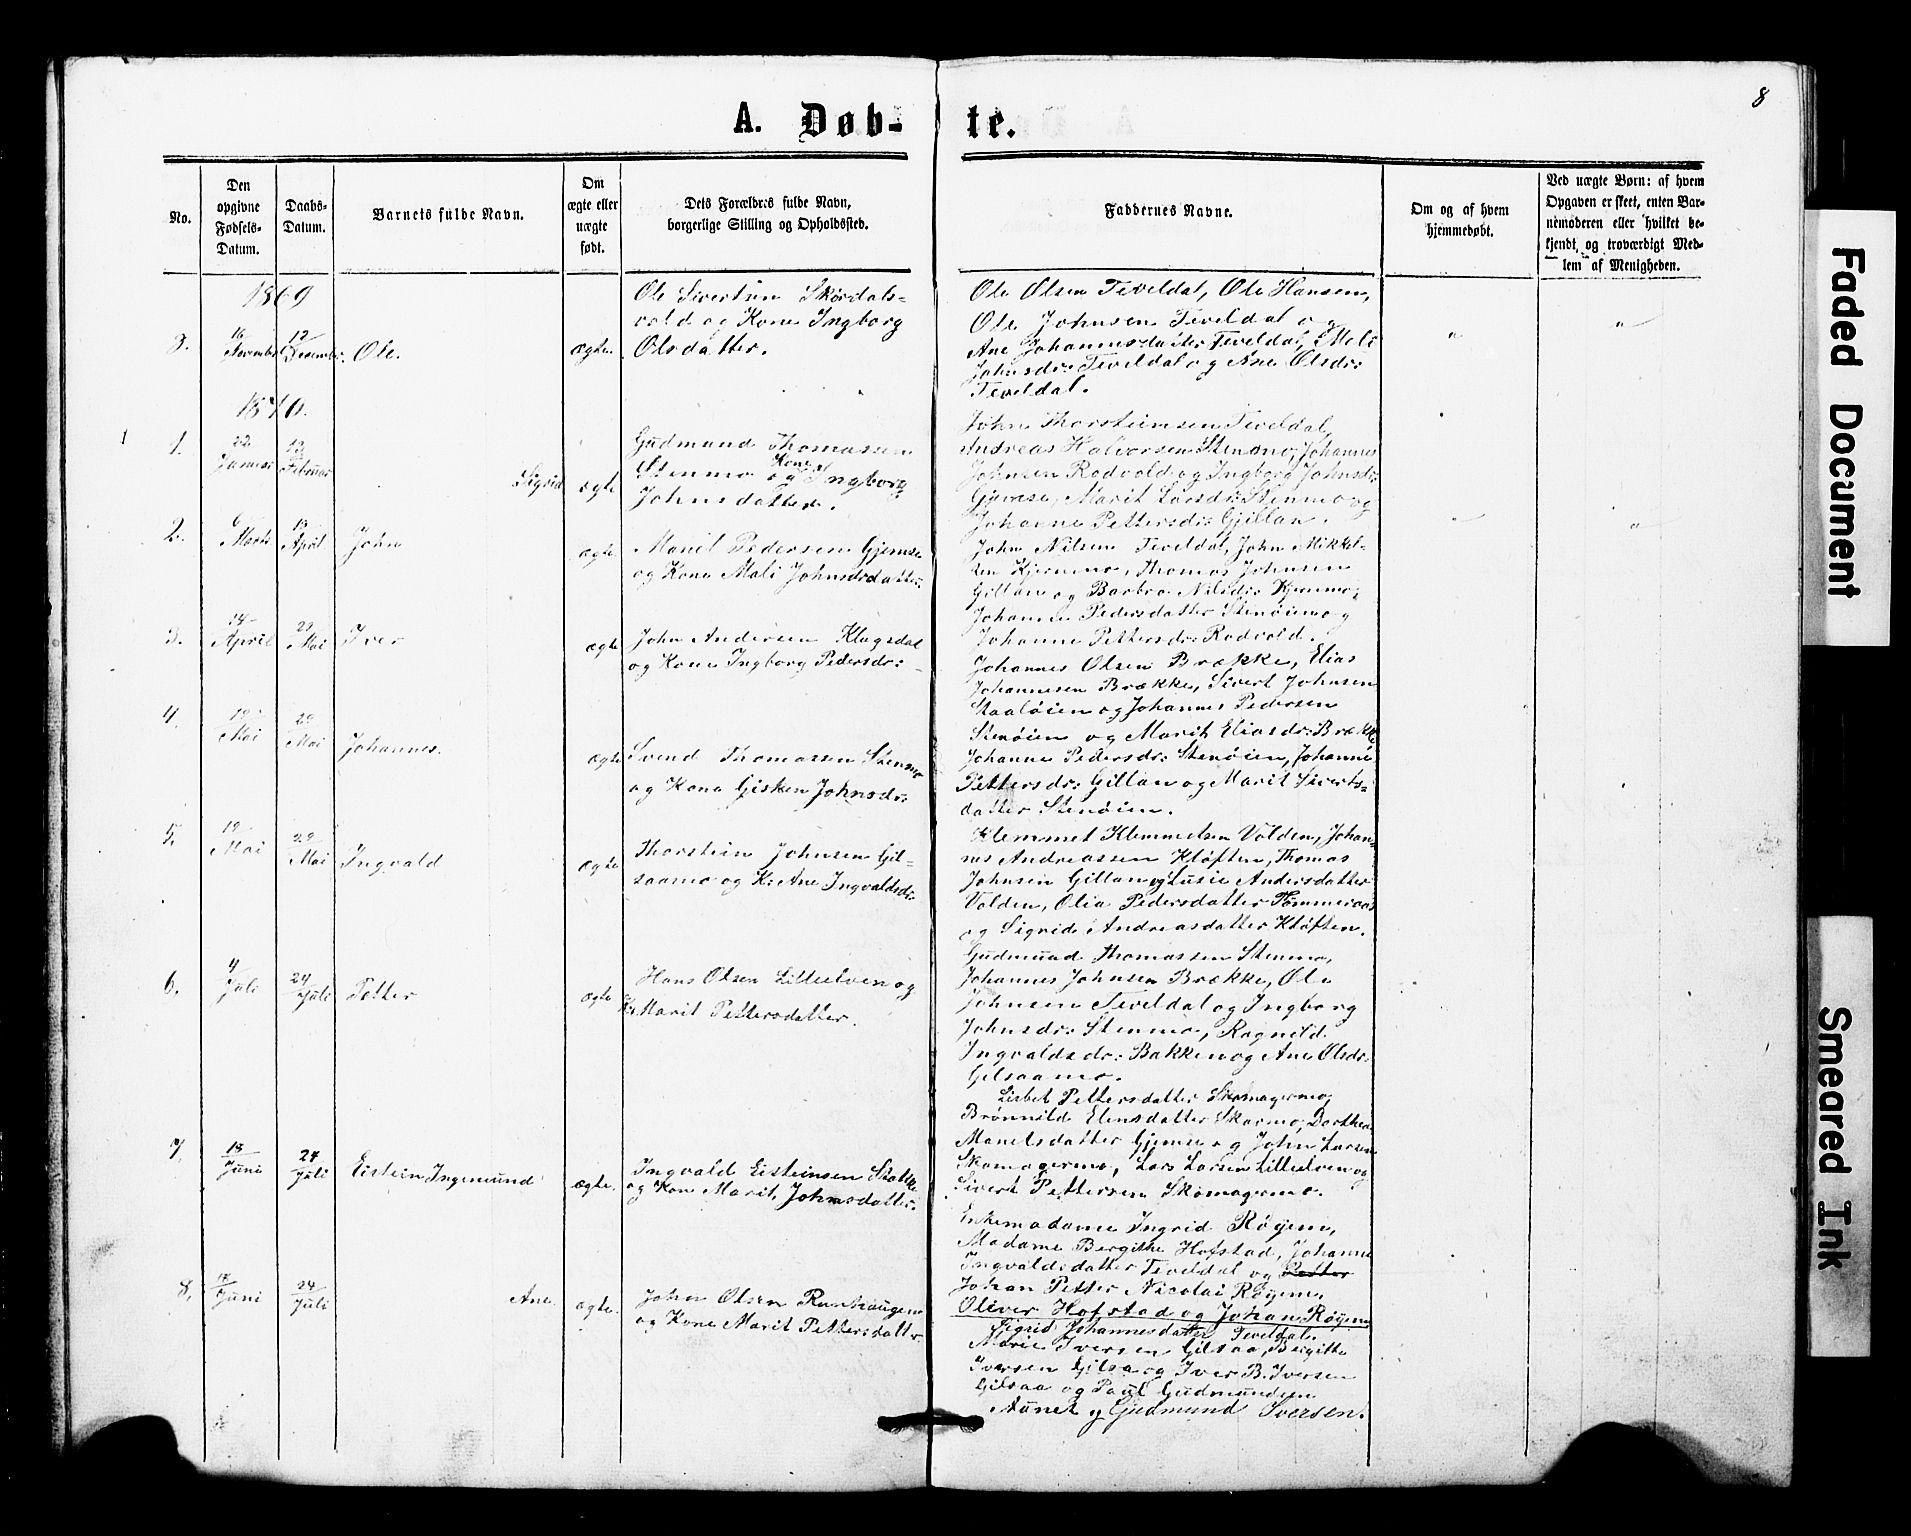 SAT, Ministerialprotokoller, klokkerbøker og fødselsregistre - Nord-Trøndelag, 707/L0052: Klokkerbok nr. 707C01, 1864-1897, s. 8